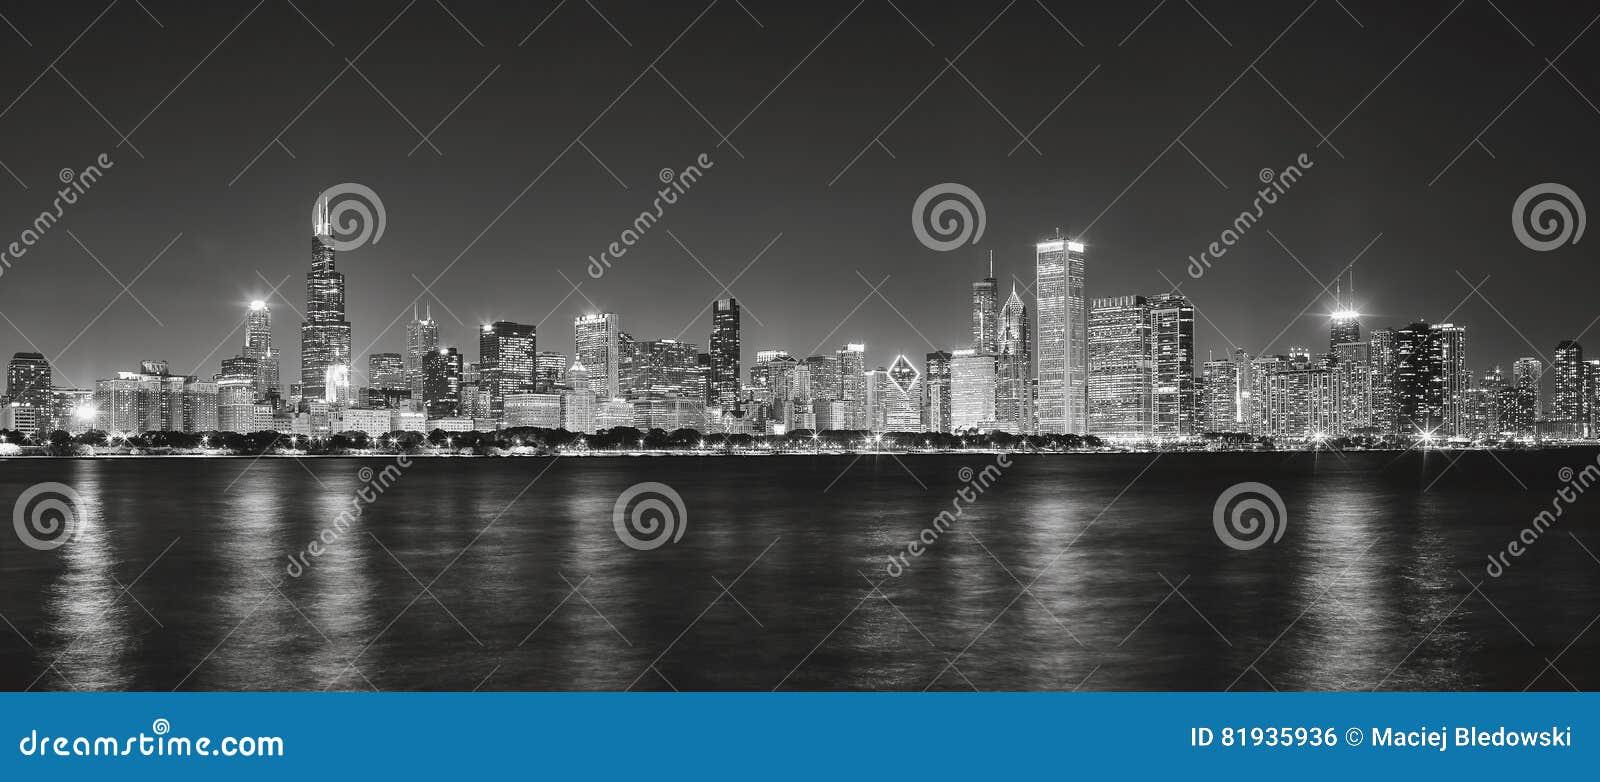 Γραπτή πανοραμική εικόνα του ορίζοντα πόλεων του Σικάγου στο nig